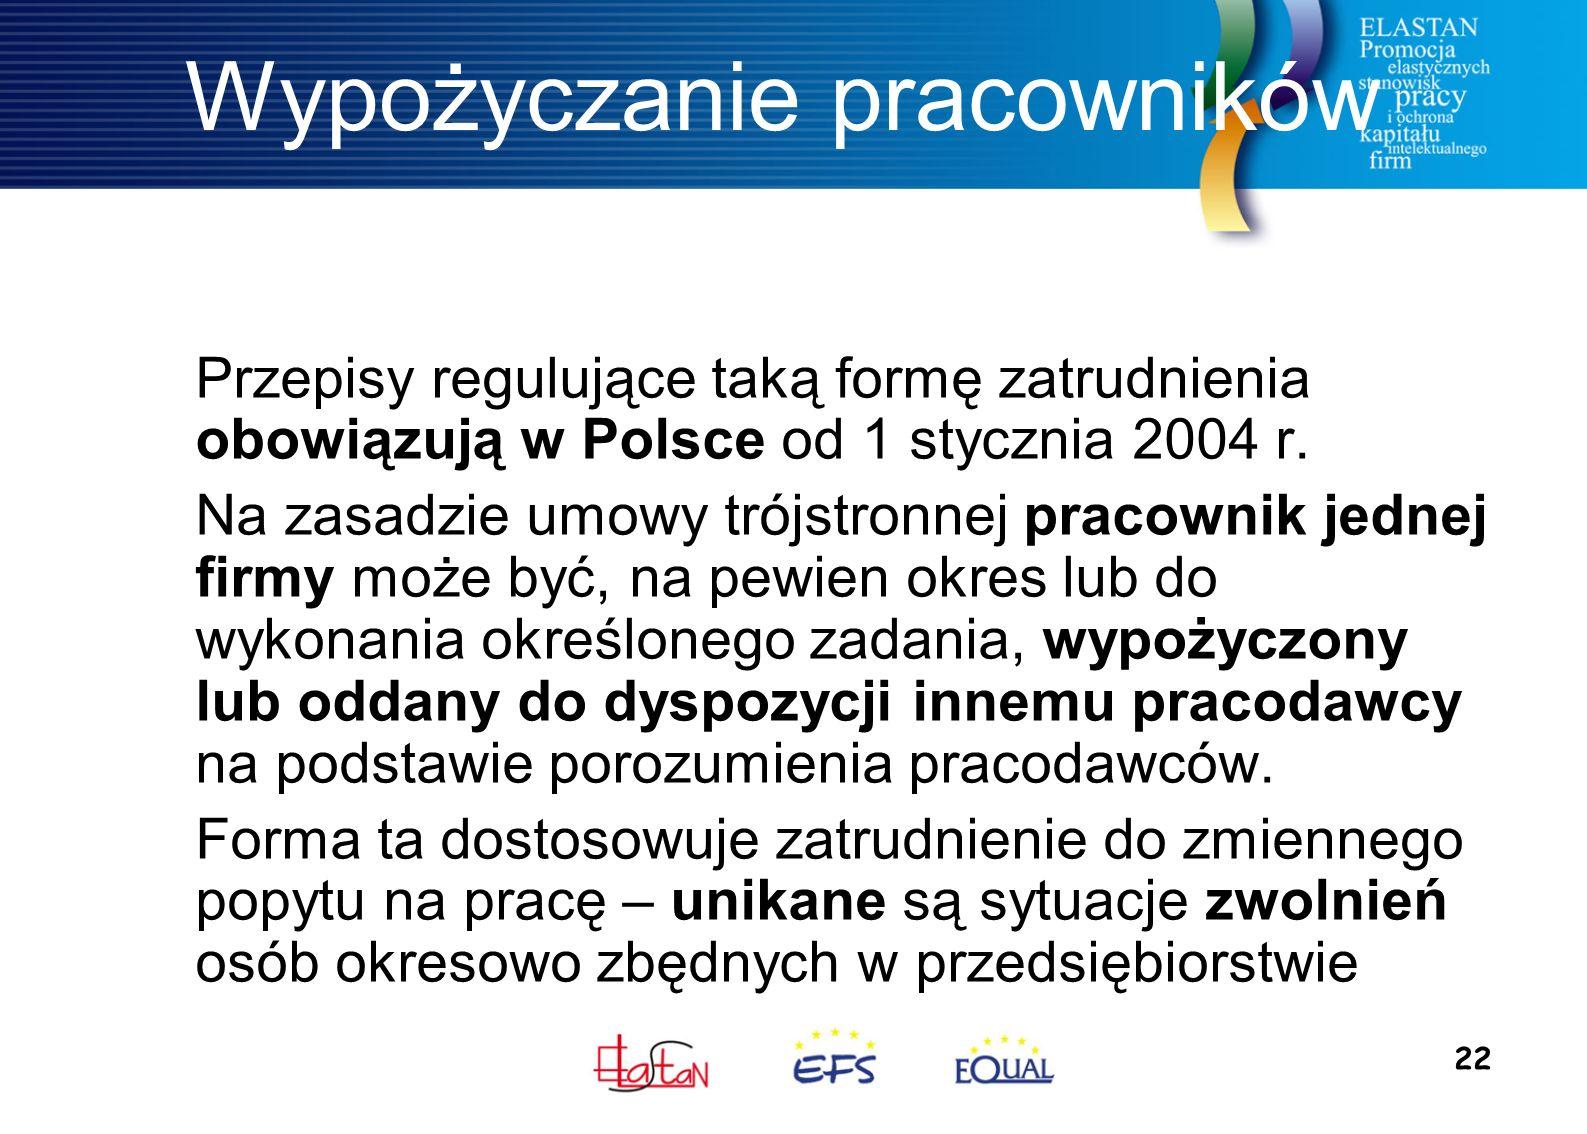 22 Wypożyczanie pracowników Przepisy regulujące taką formę zatrudnienia obowiązują w Polsce od 1 stycznia 2004 r.